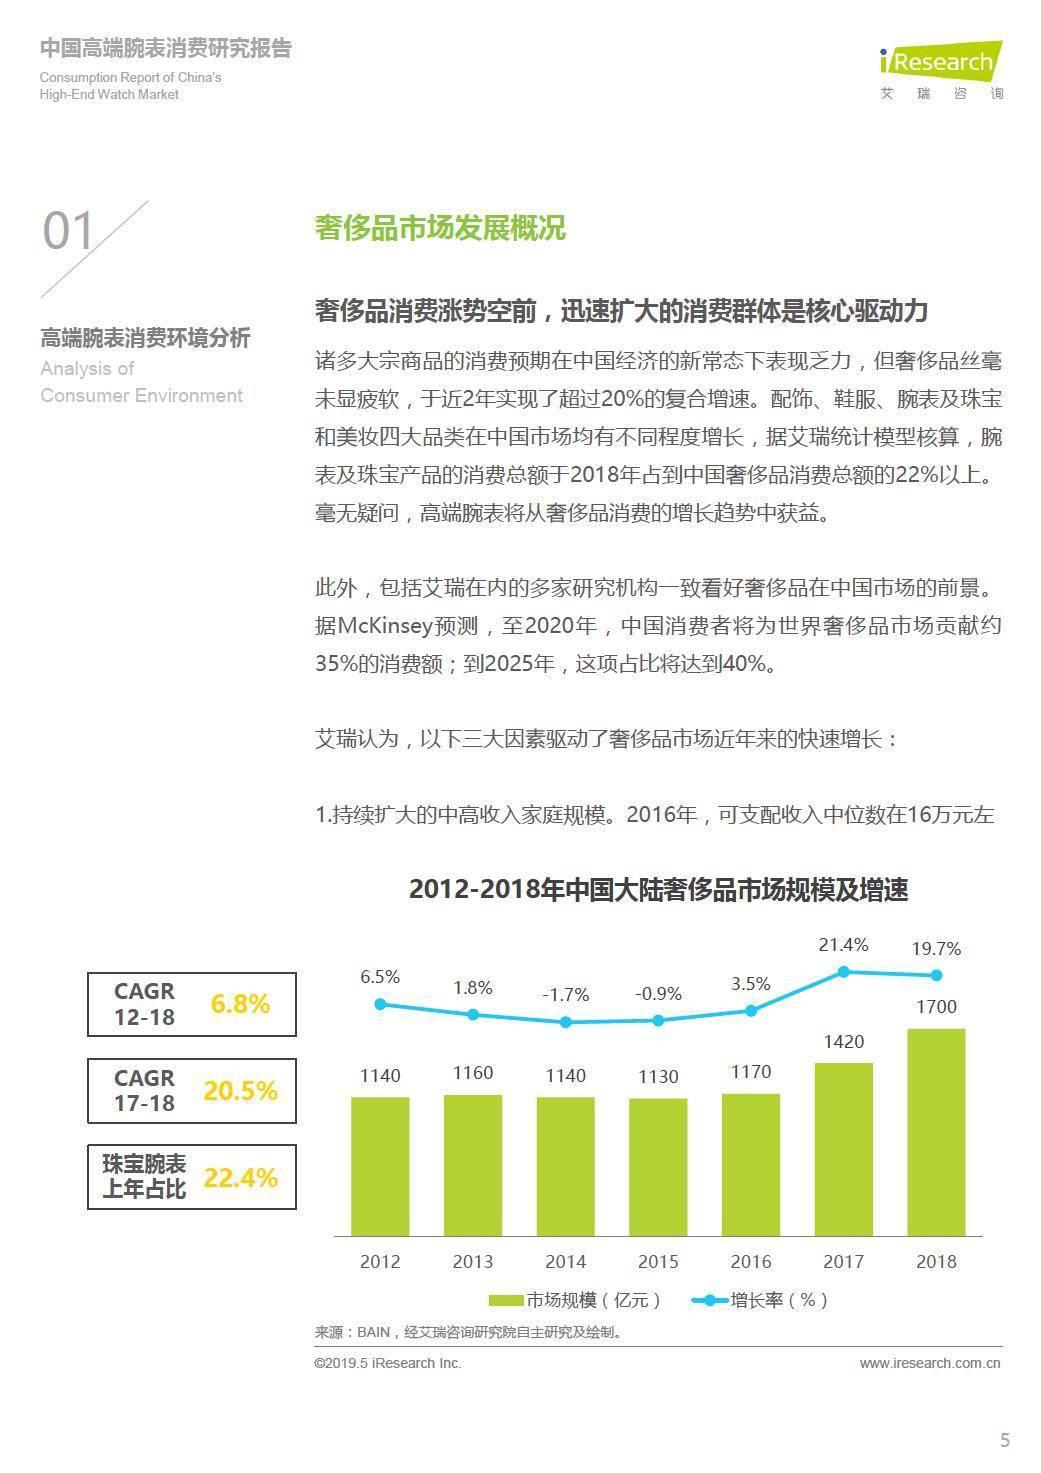 艾瑞咨询:2019年中国高端腕表消费研究报告